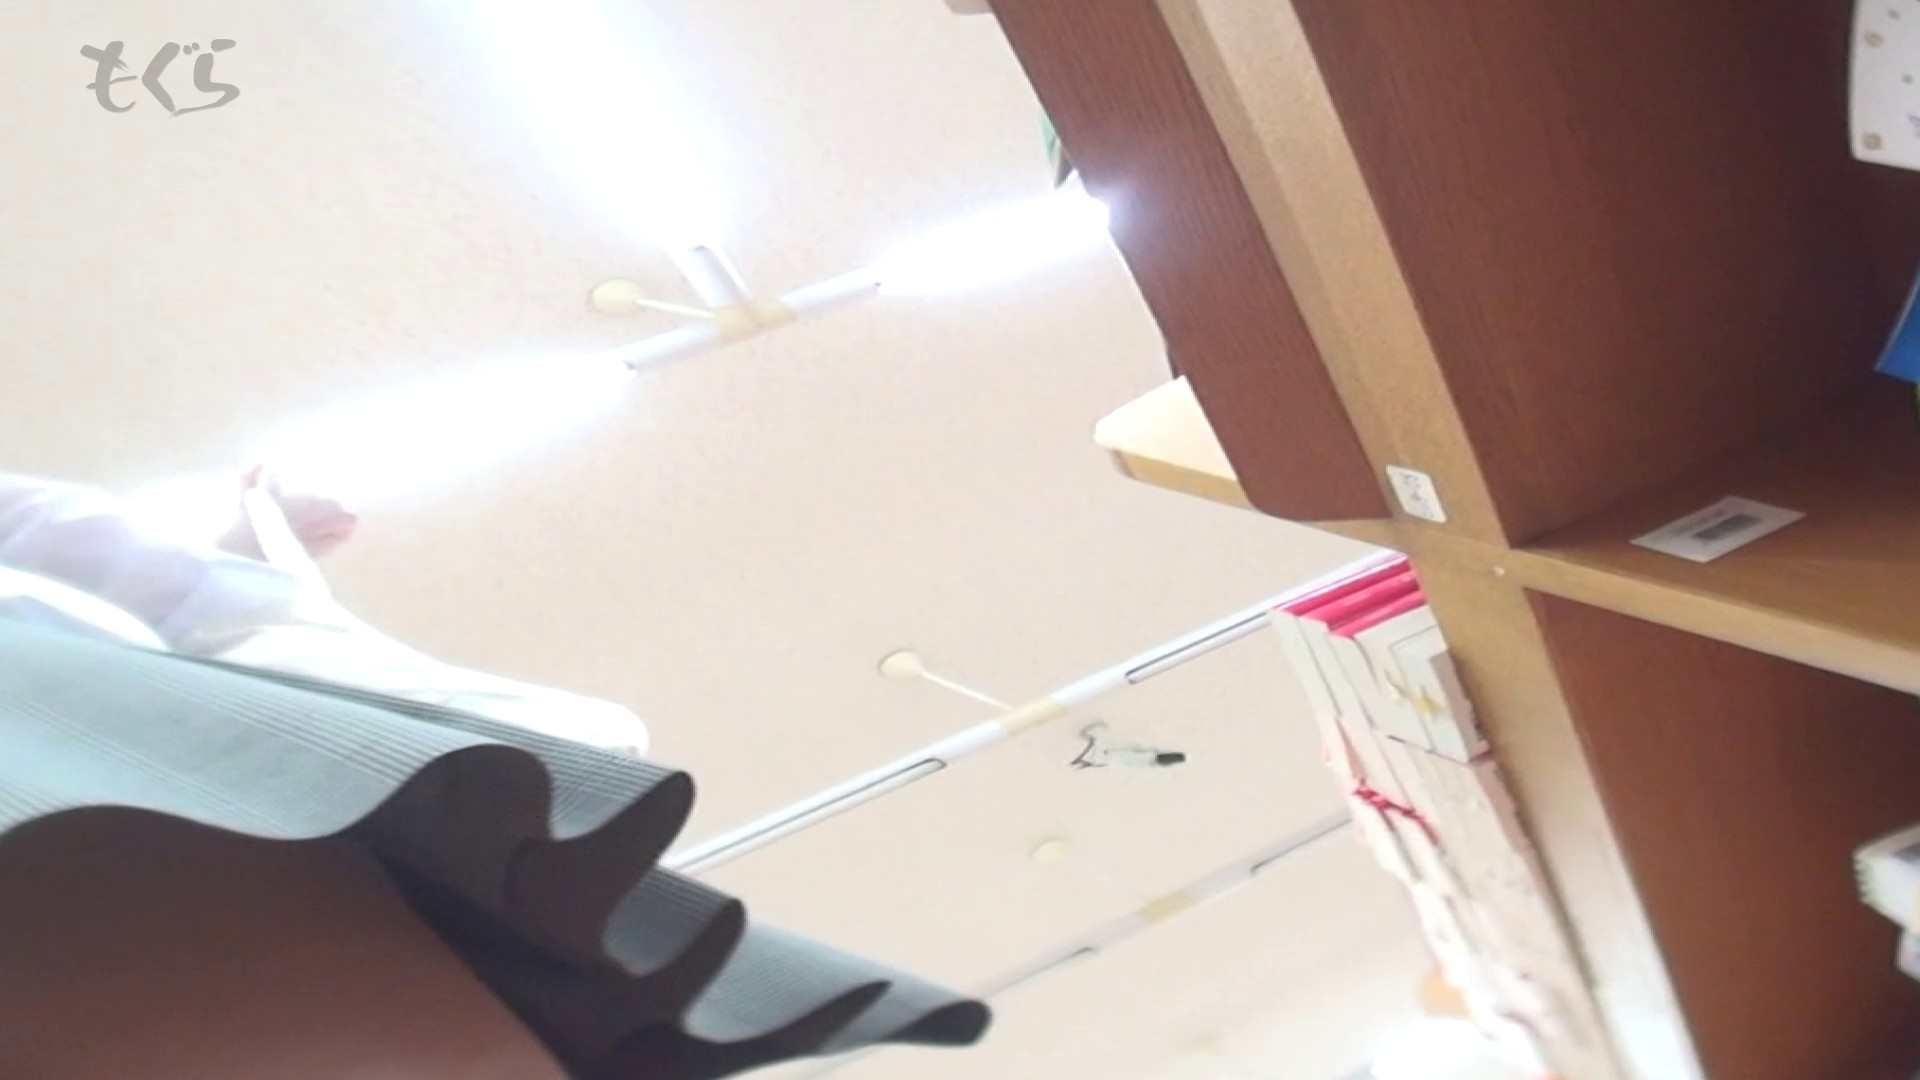 隣から【期間限定品】No.02 文庫女子はやはり白パン!! 丸見え | パンチラ女子  96枚 19